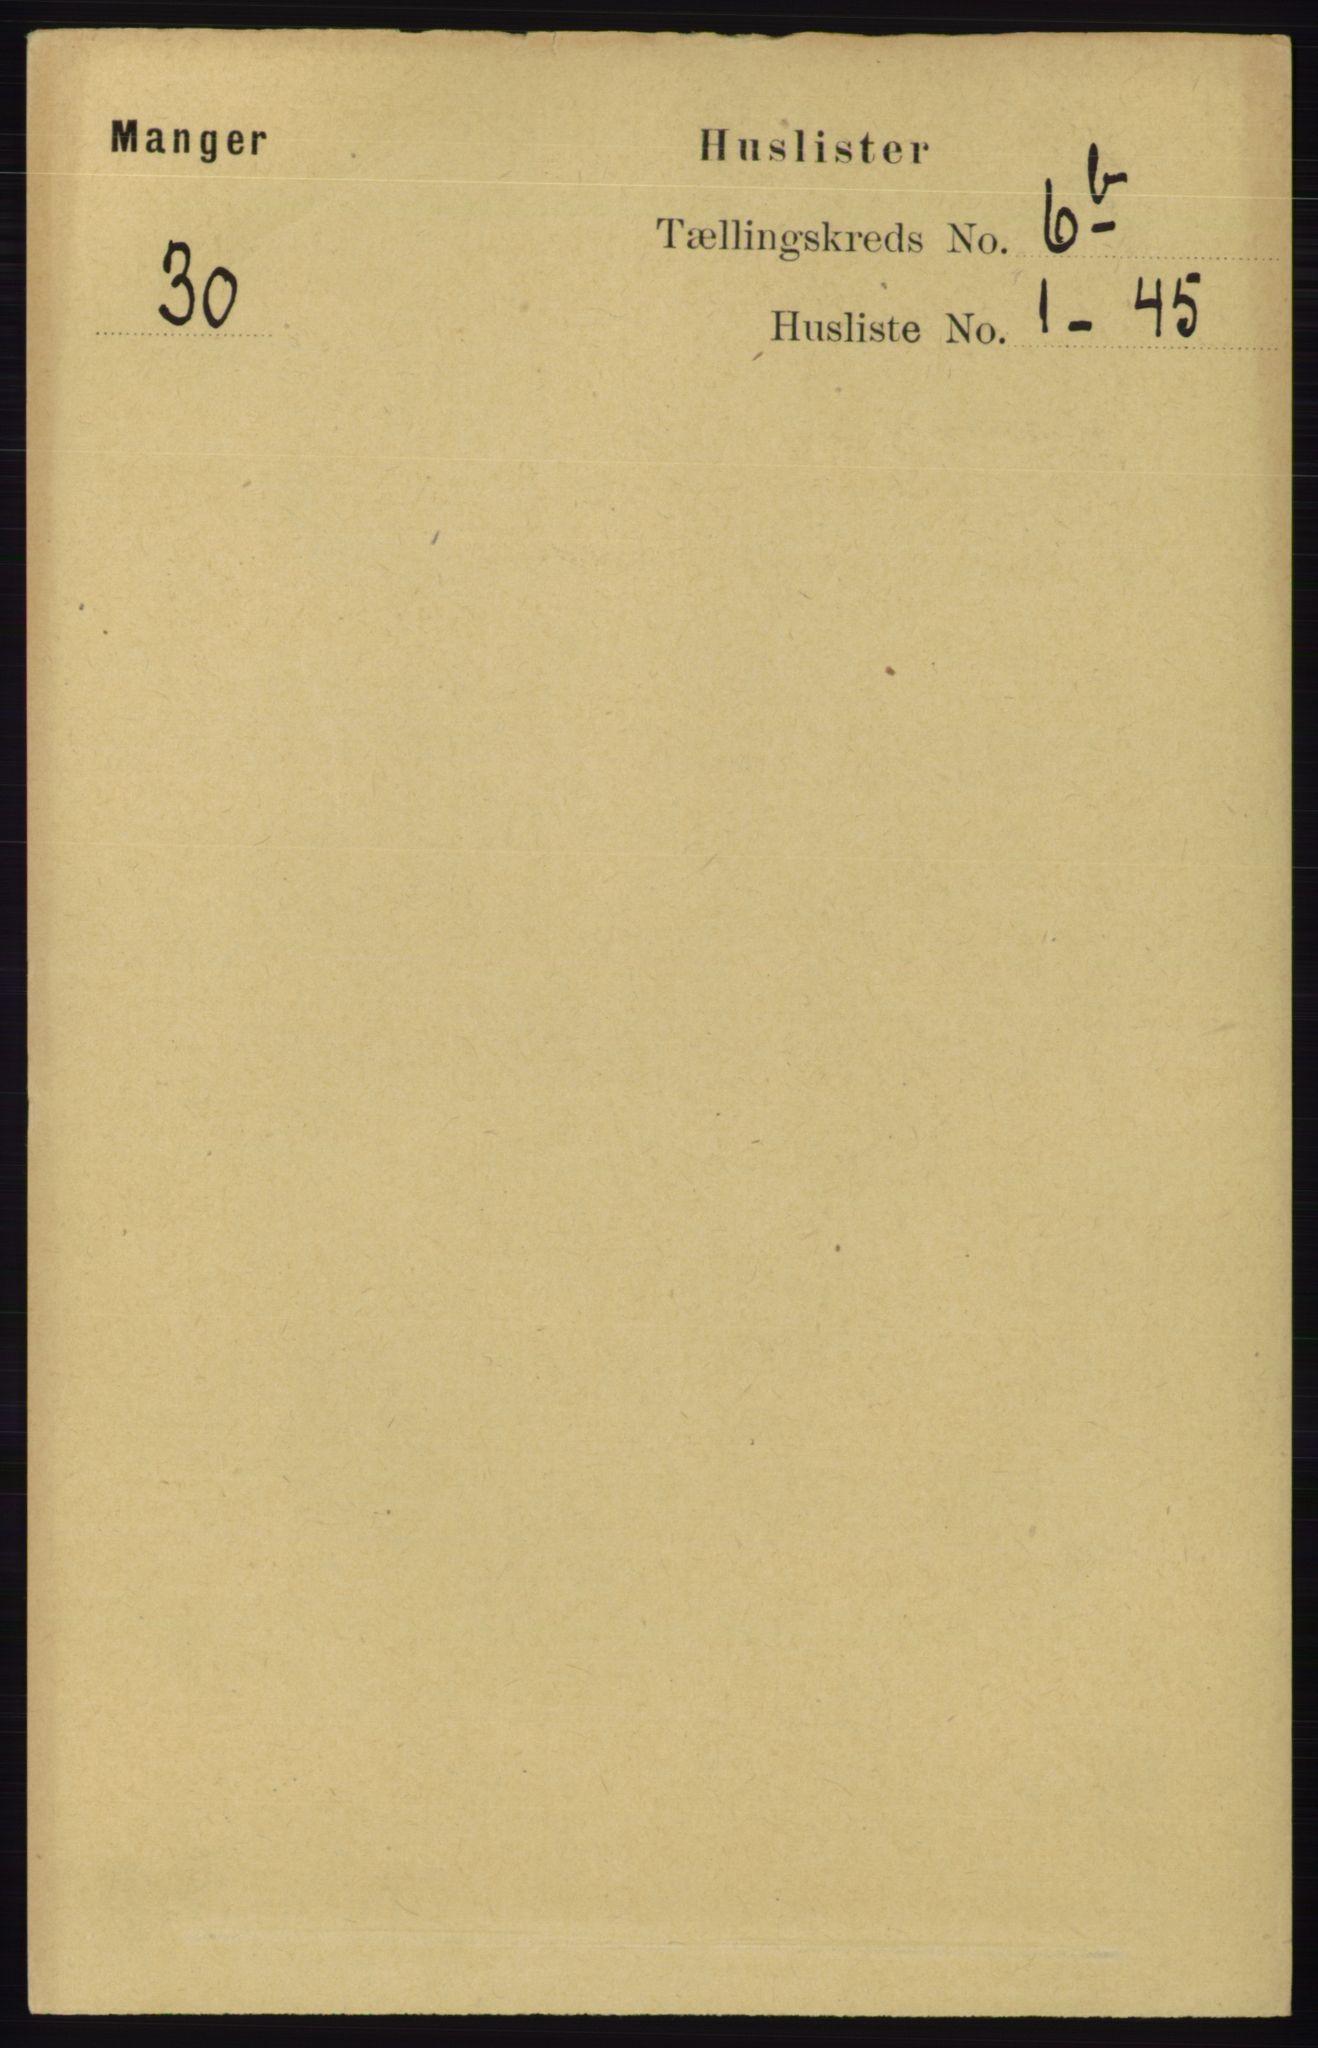 RA, Folketelling 1891 for 1261 Manger herred, 1891, s. 3944